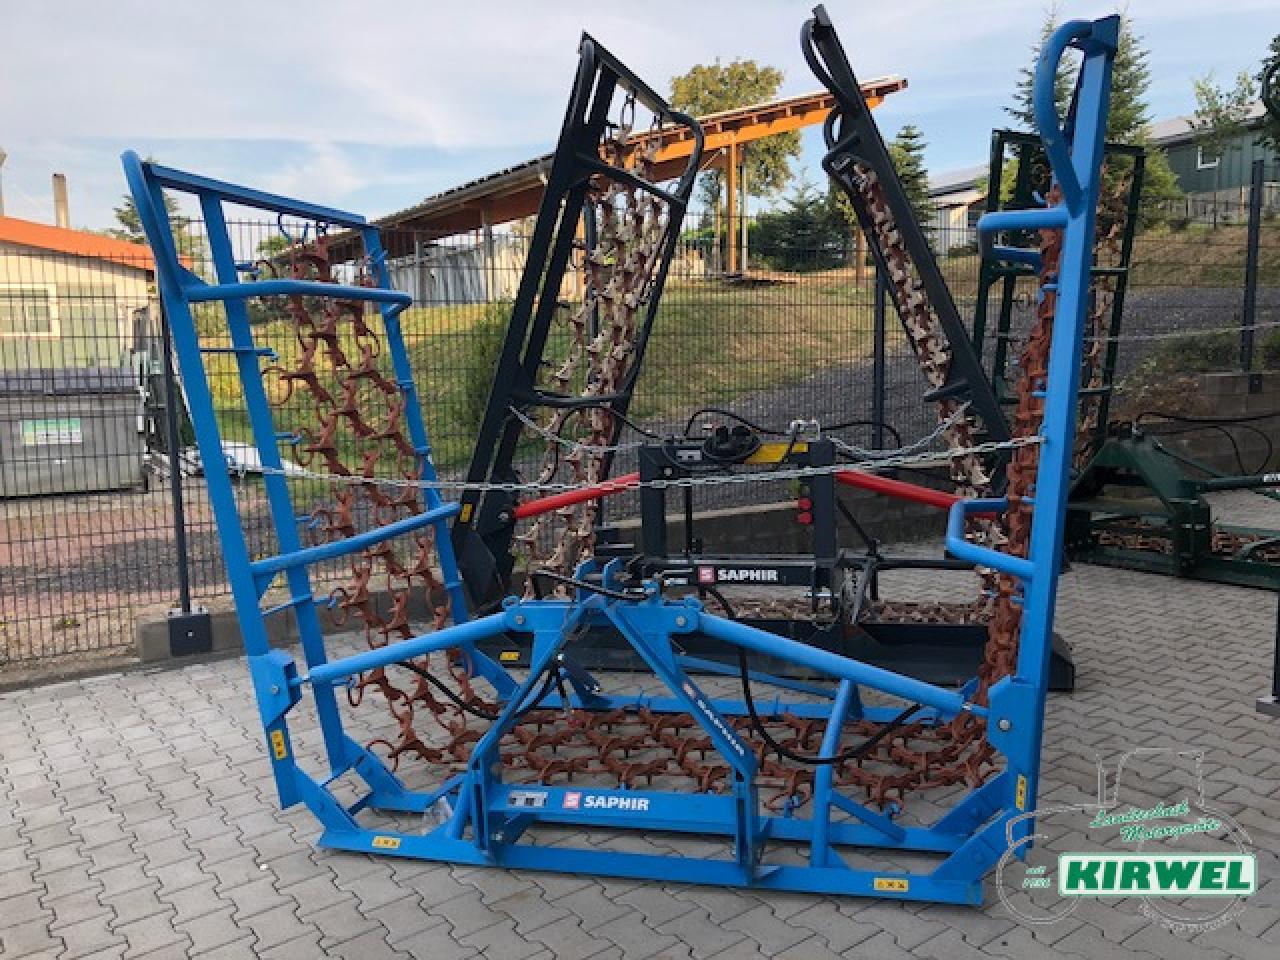 Saphir 600 W